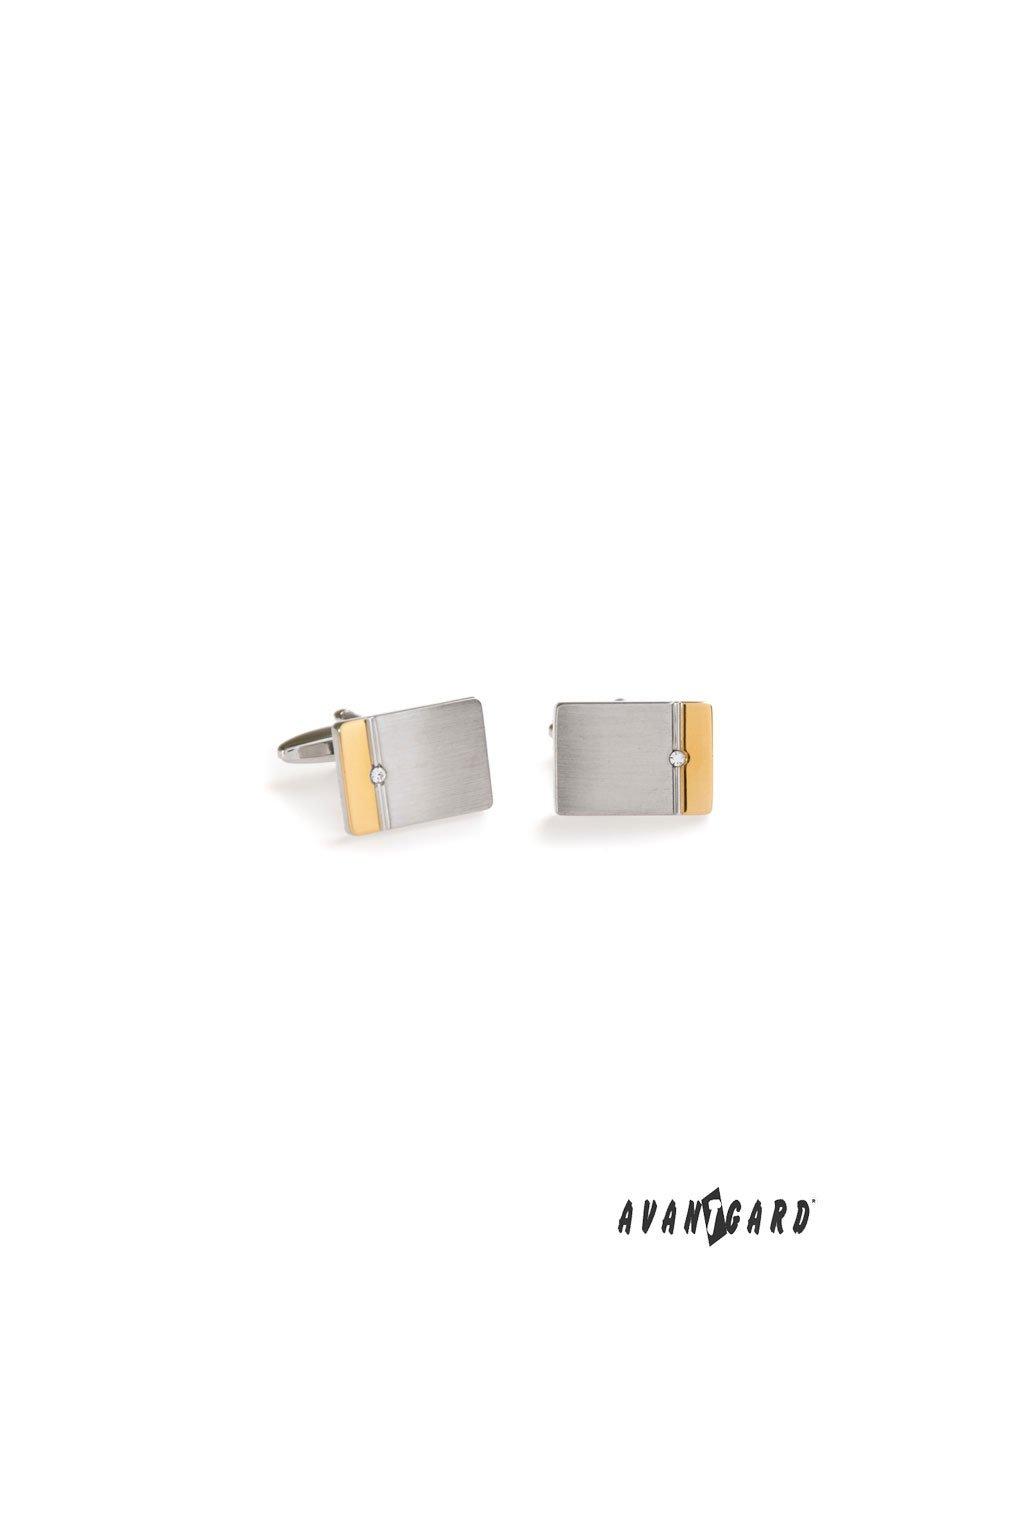 Manžetové knoflíčky PREMIUM, 573-30058, Stříbrná, zlatá